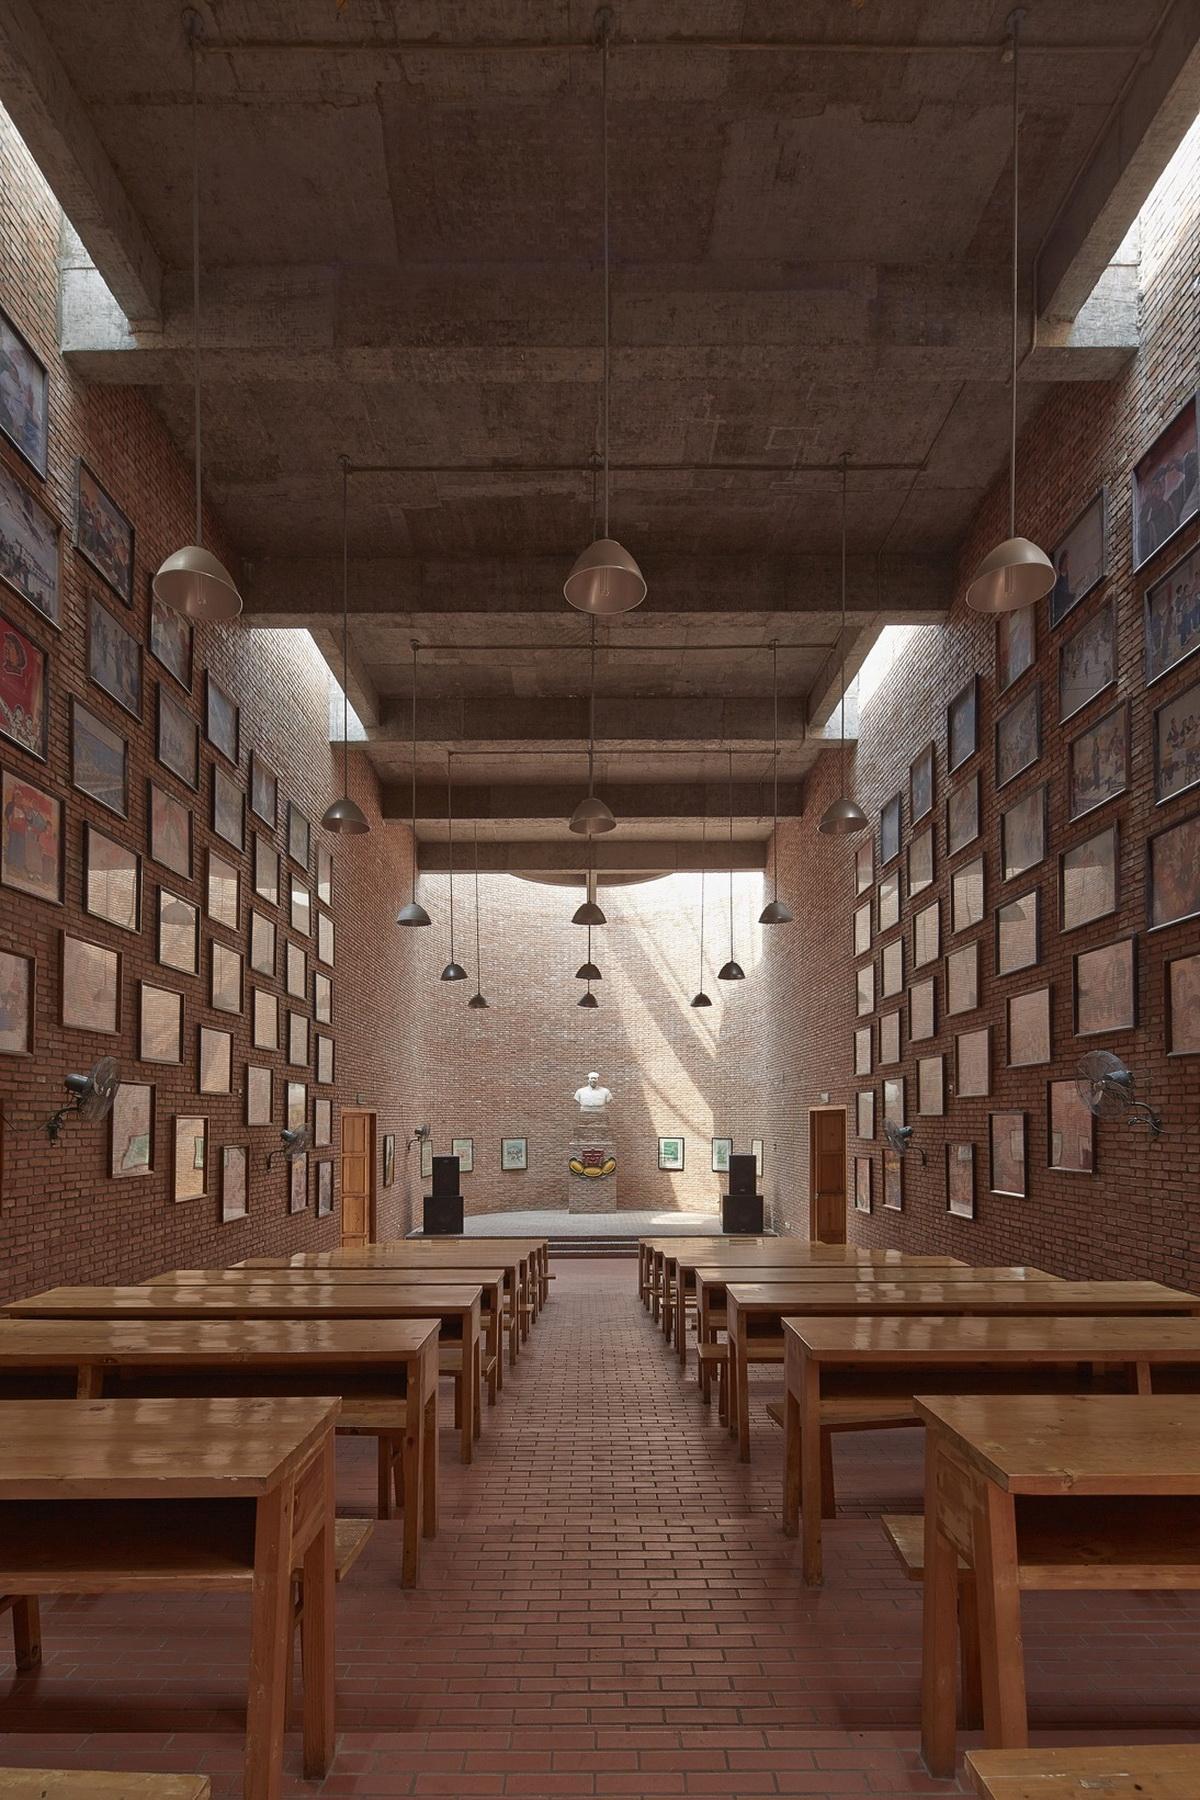 建川博物馆聚落 - 文革之钟博物馆 建筑设计 / 家琨建筑设计事务所